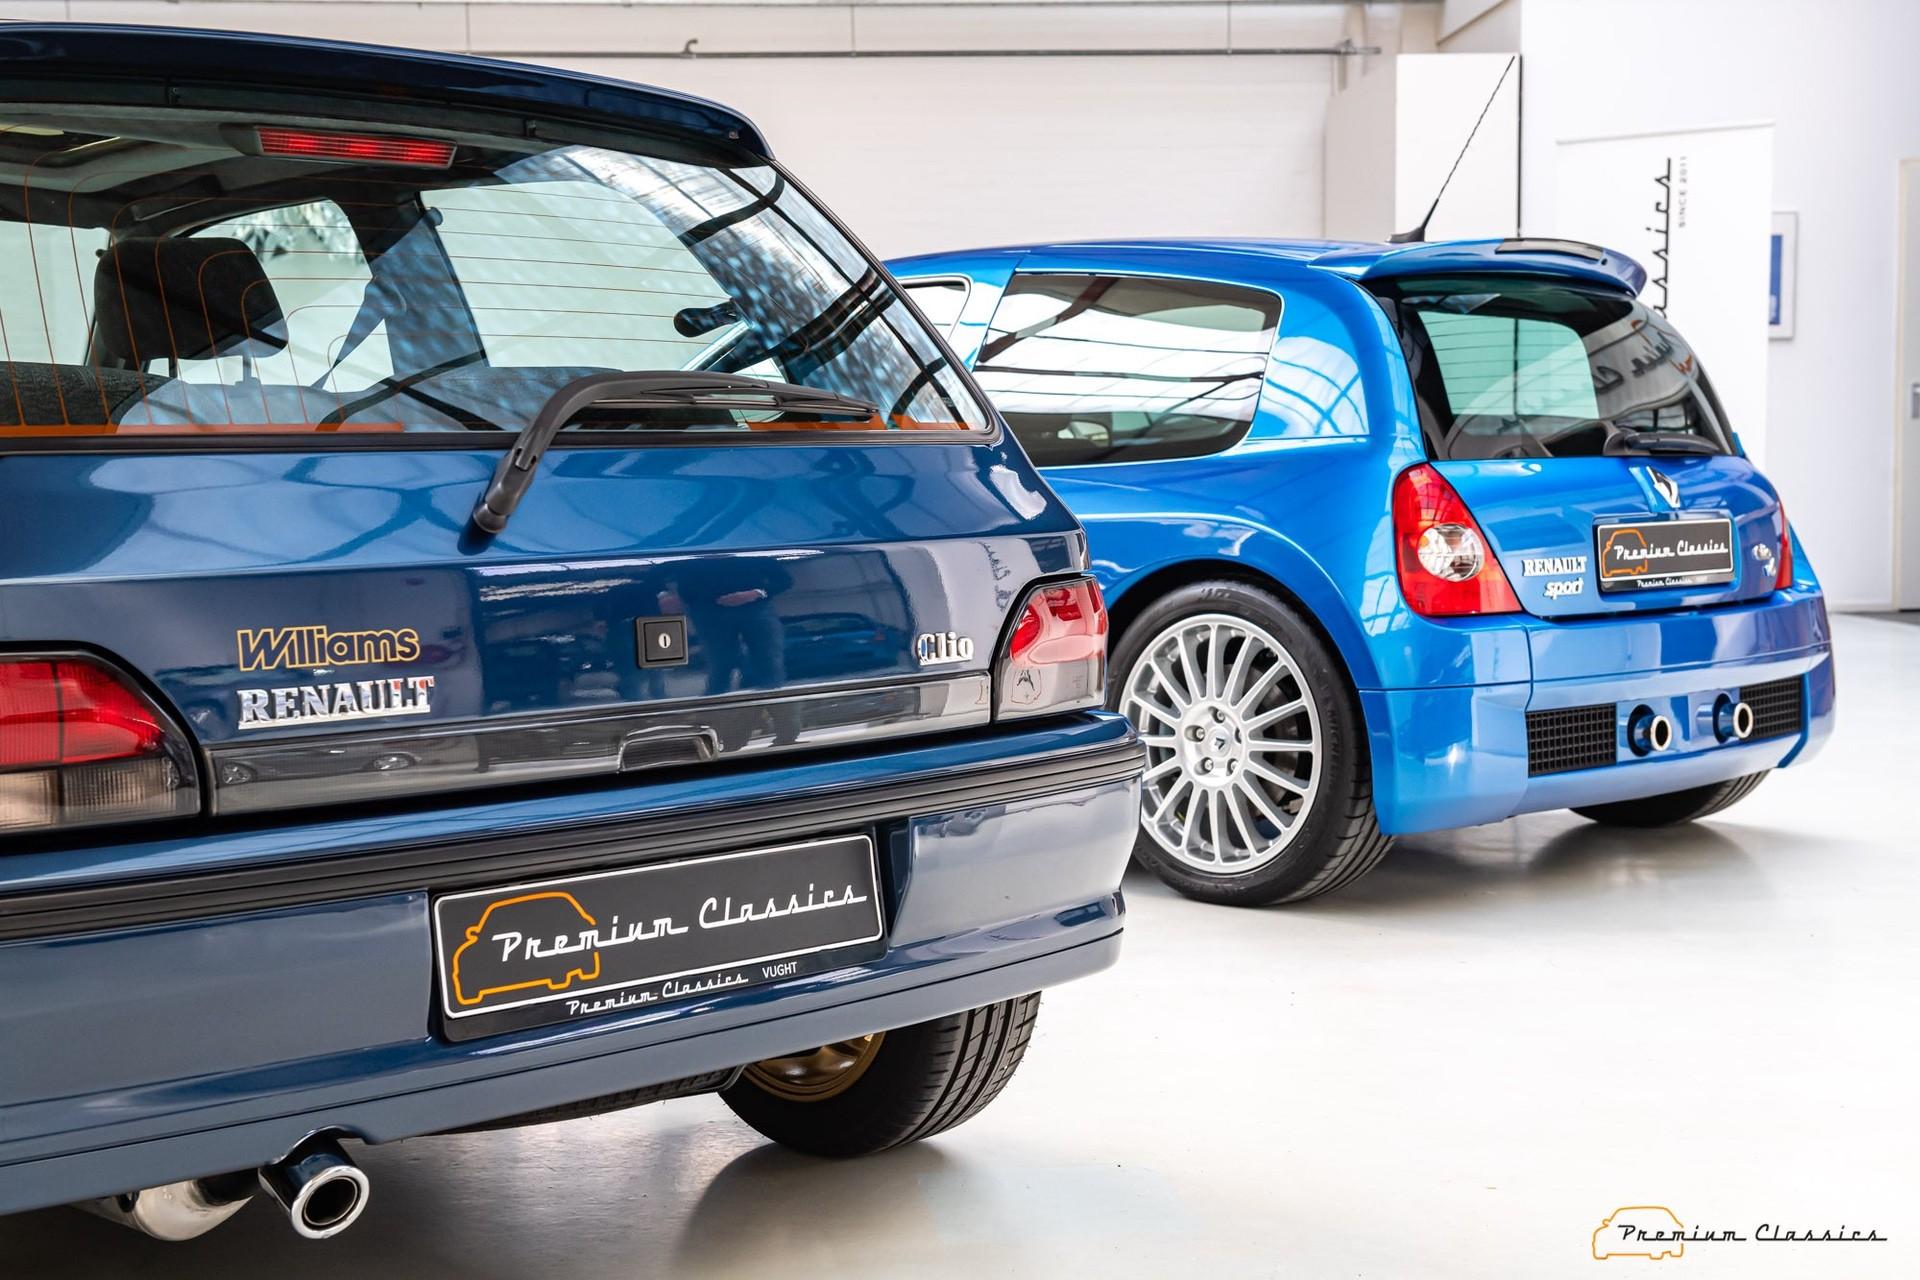 Renault_Clio_Williams_sale-0072